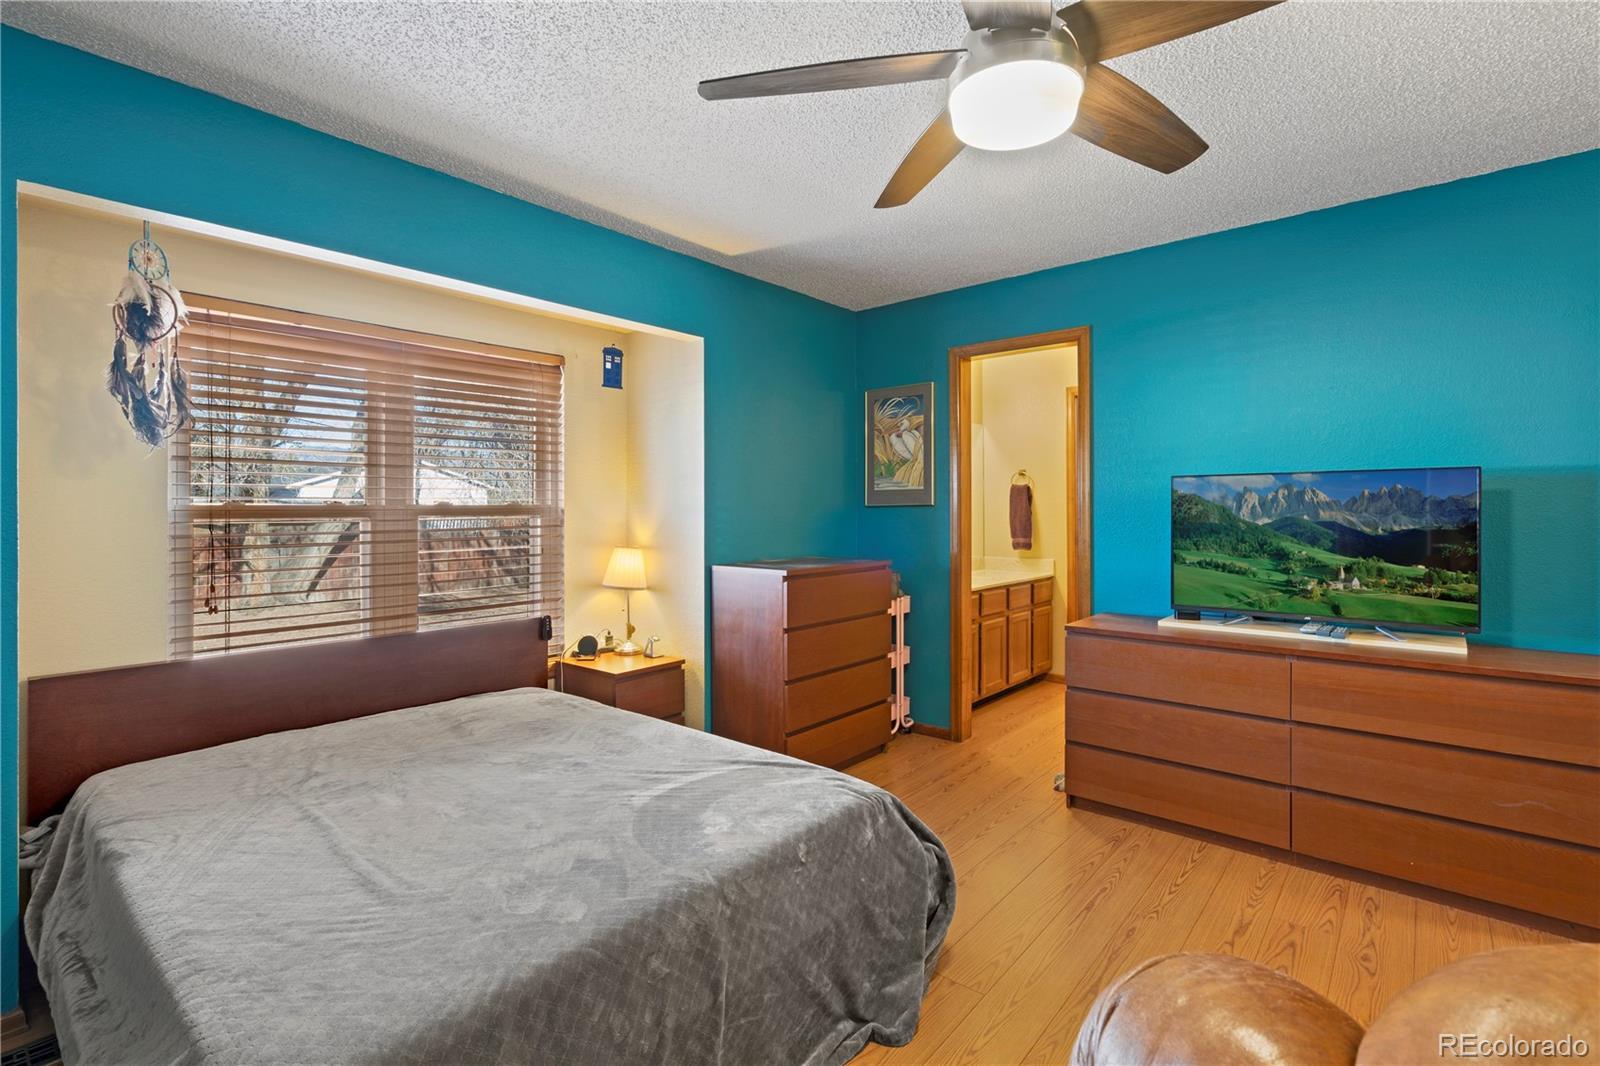 MLS# 1721256 - 15 - 6464 Wicklow Circle, Colorado Springs, CO 80918